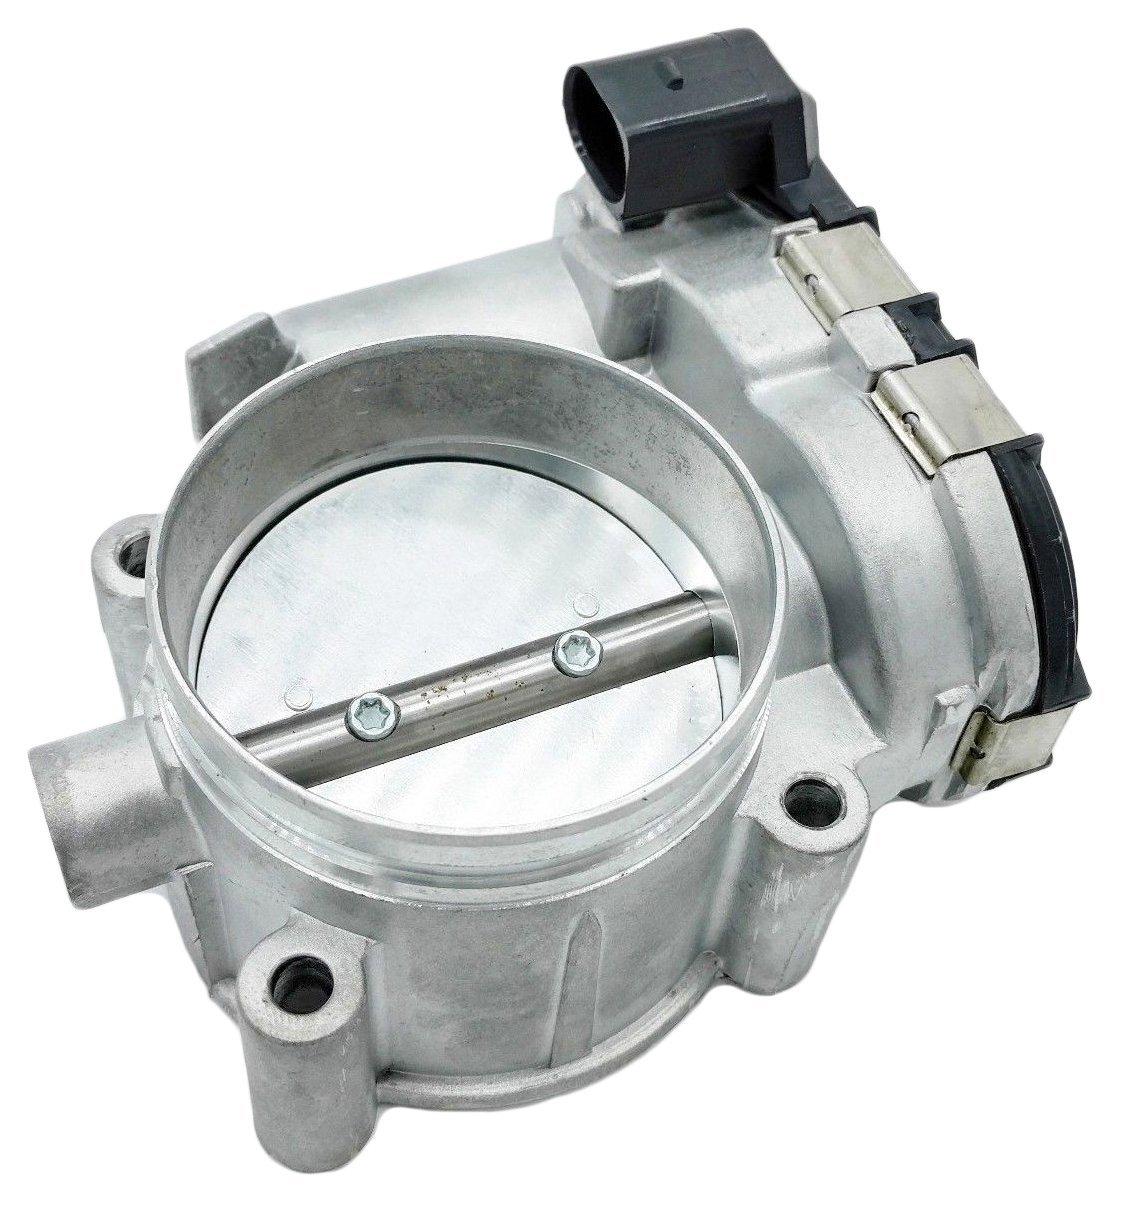 Inyección de Combustible cuerpo de acelerador para Audi A6 A4 Quattro 2.7T R8 S4 S6 S8 3.2L 5.2L: Amazon.es: Coche y moto